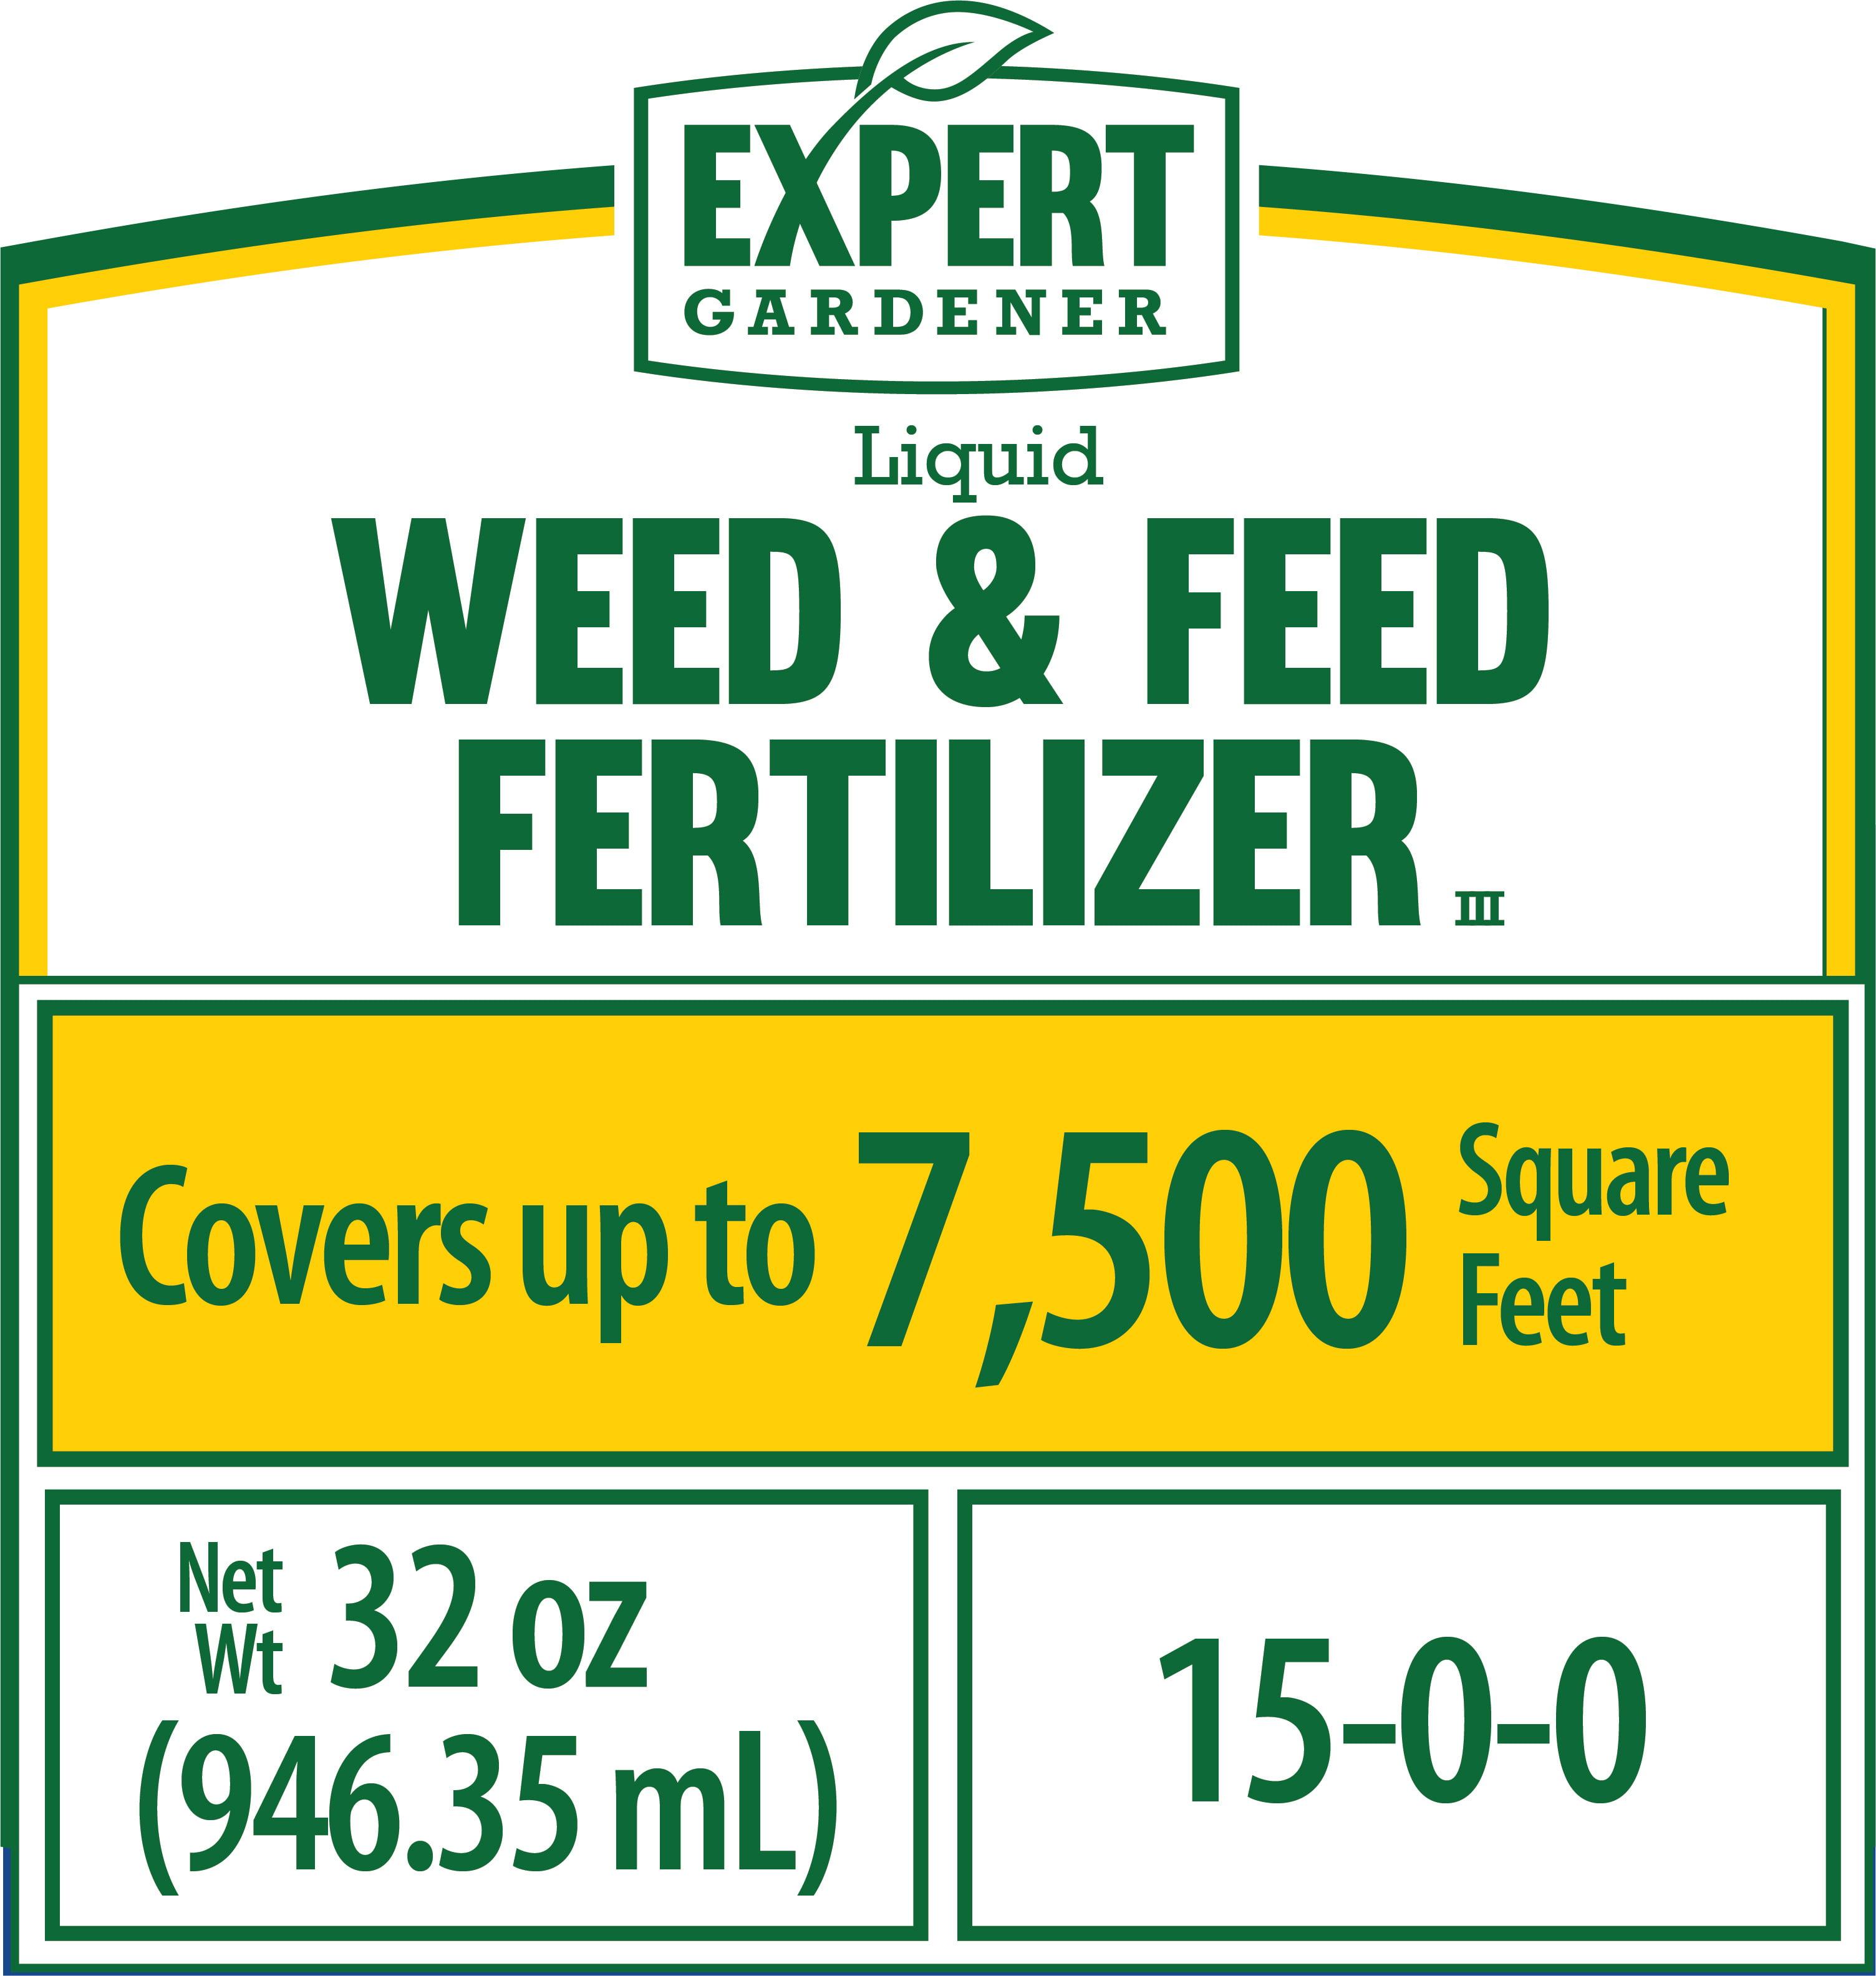 1be25613 203c 4017 a007 8270b153ecf5.9575a0223fc8ff1f3eb8a6f2c21b0642 - Expert Gardener Weed And Feed Liquid